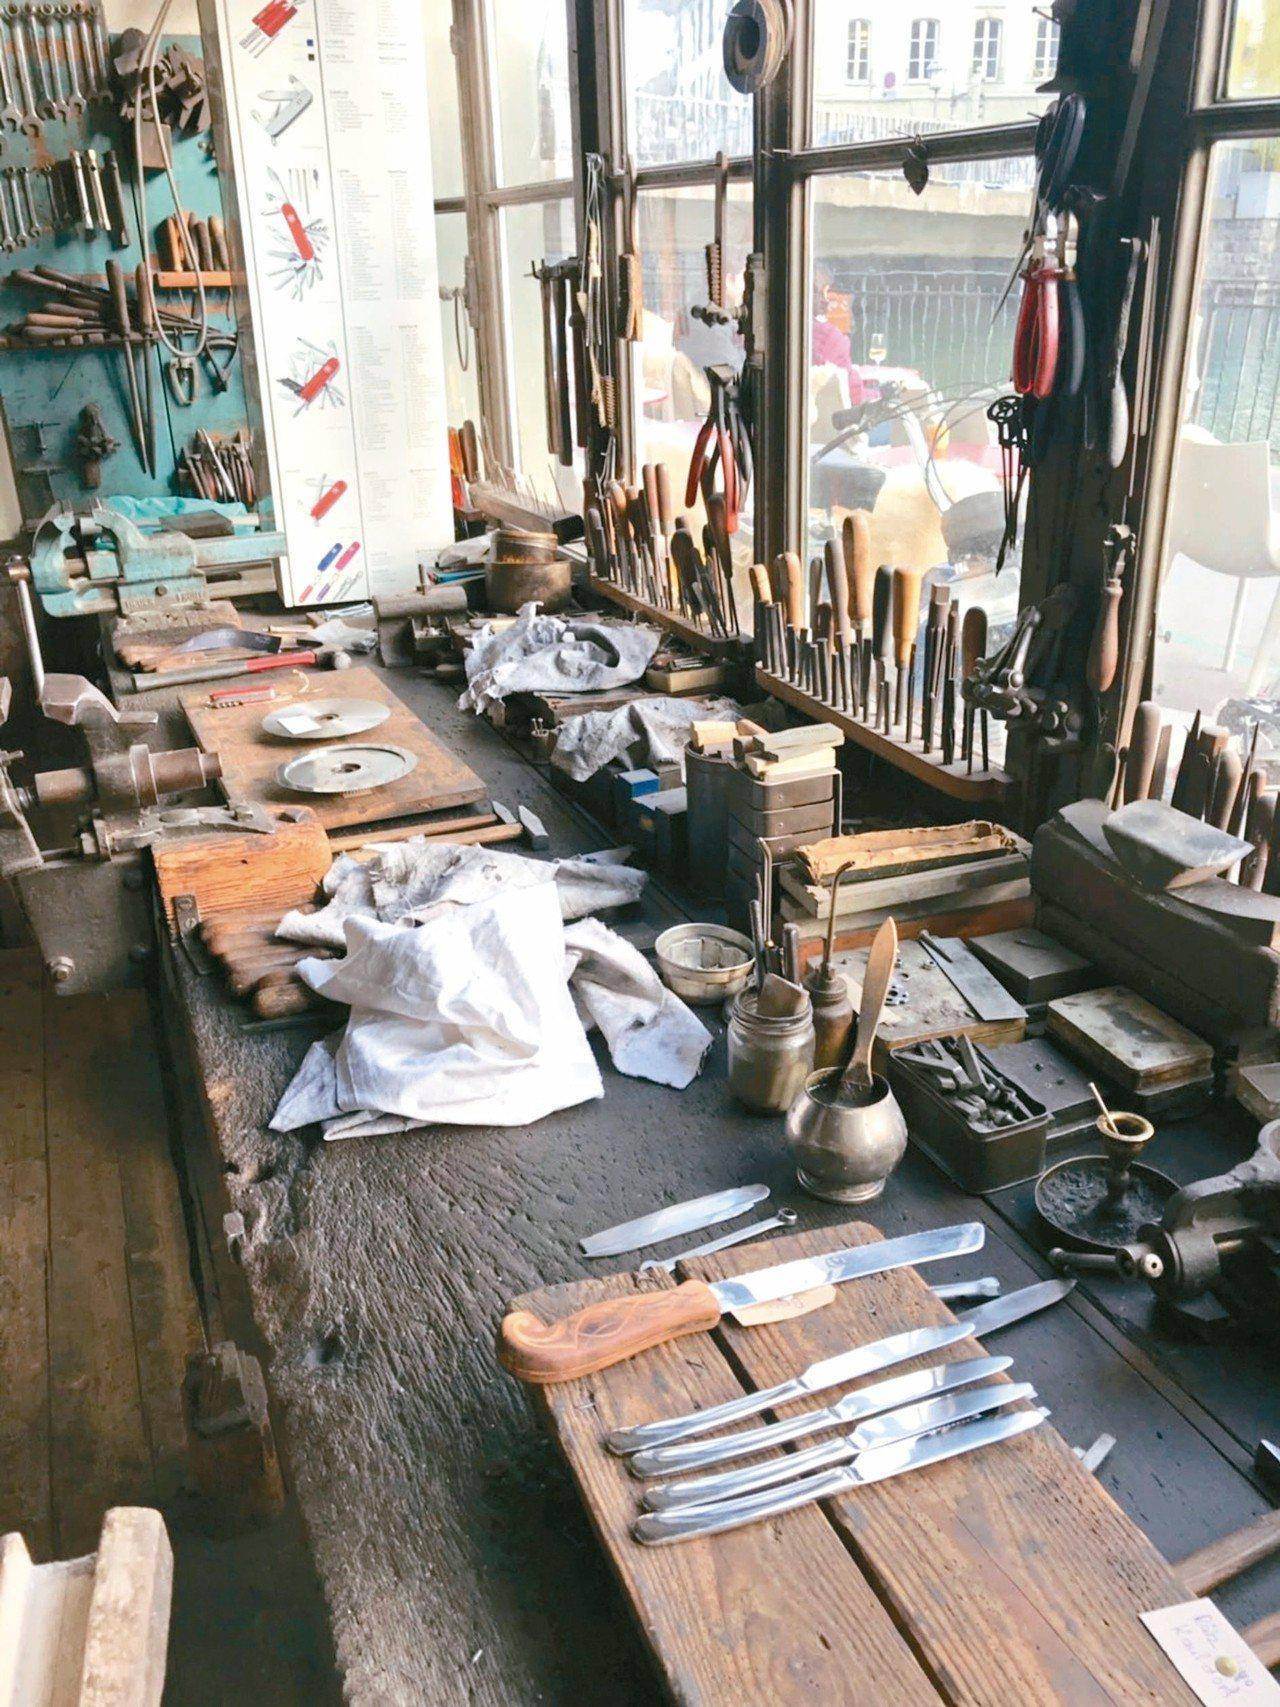 傳承第4代的磨刀工匠,工具檯上都是他吃飯的用具。 記者葉君遠/攝影